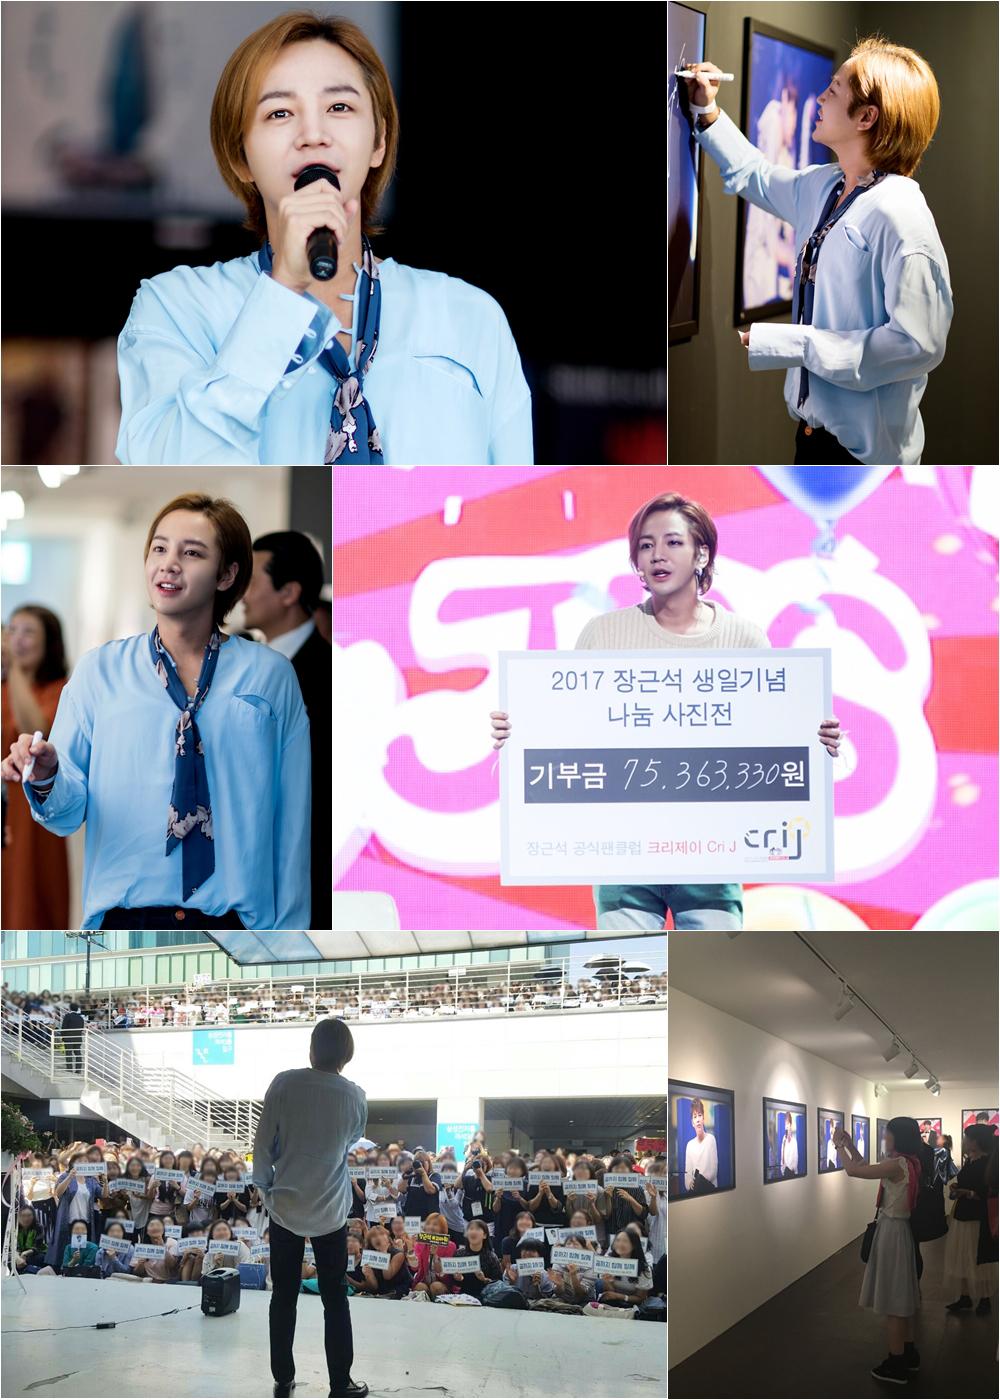 장근석, '올해로 5년째' 팬클럽과 함께 특별한 생일 기념 기부!